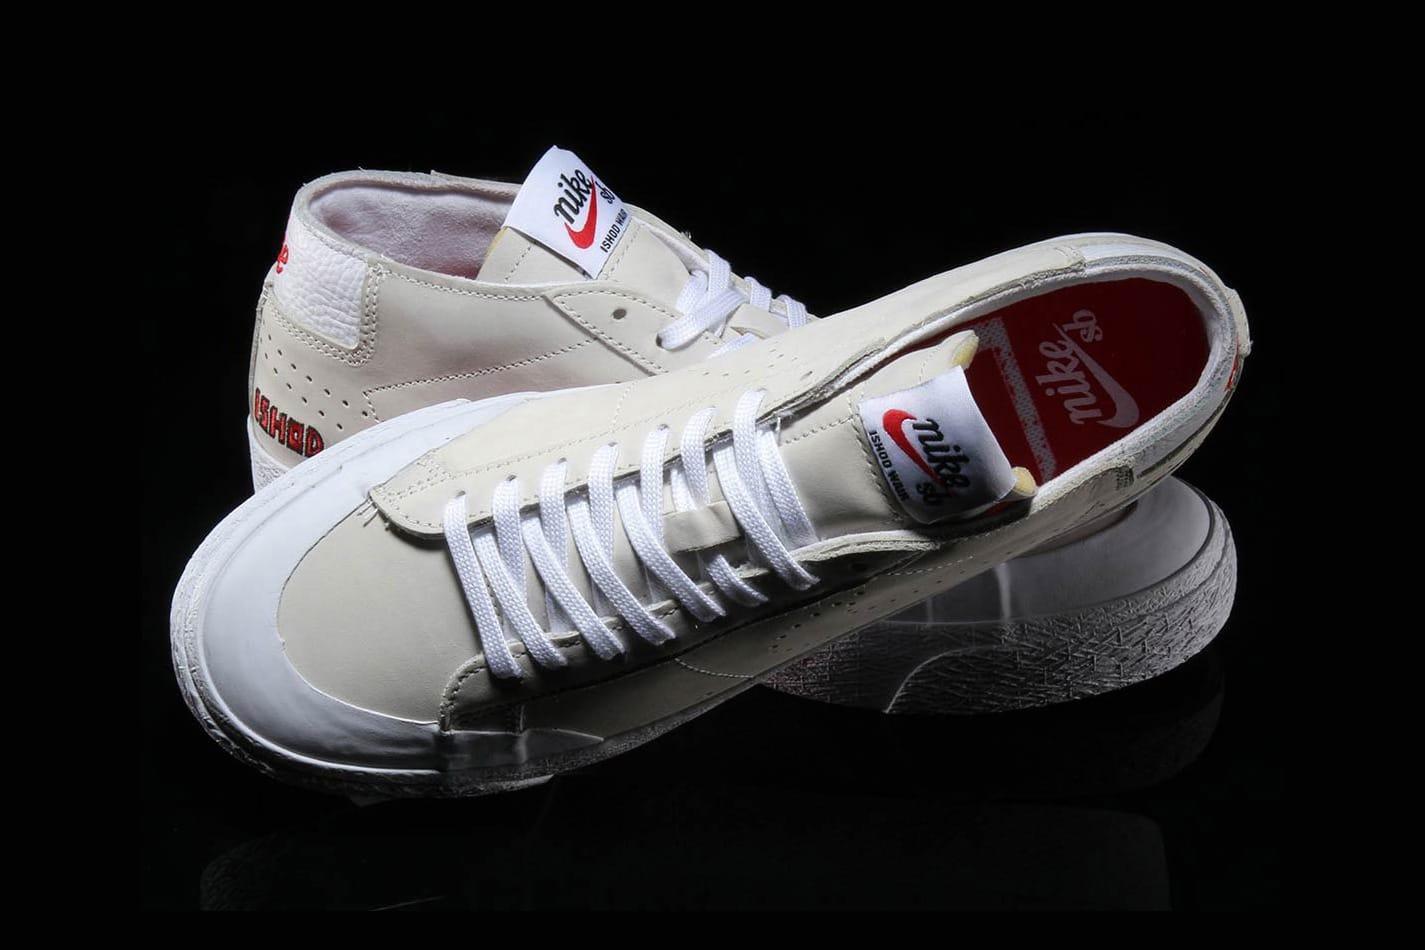 Ishod Wair's Latest Signature Shoe